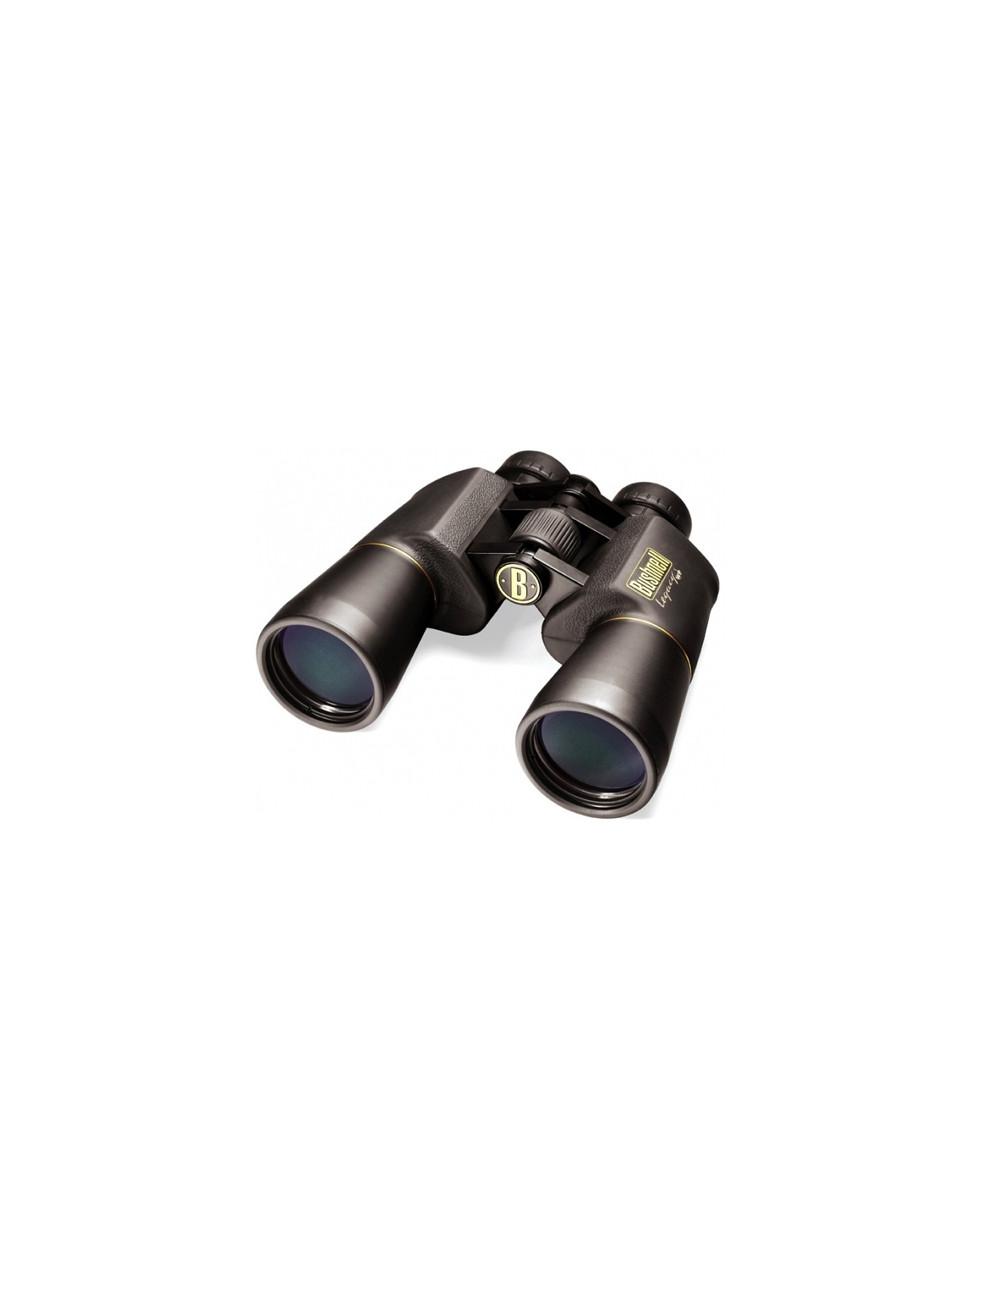 022 - Jumelles BUSHNELL 10x50 Legacy WP